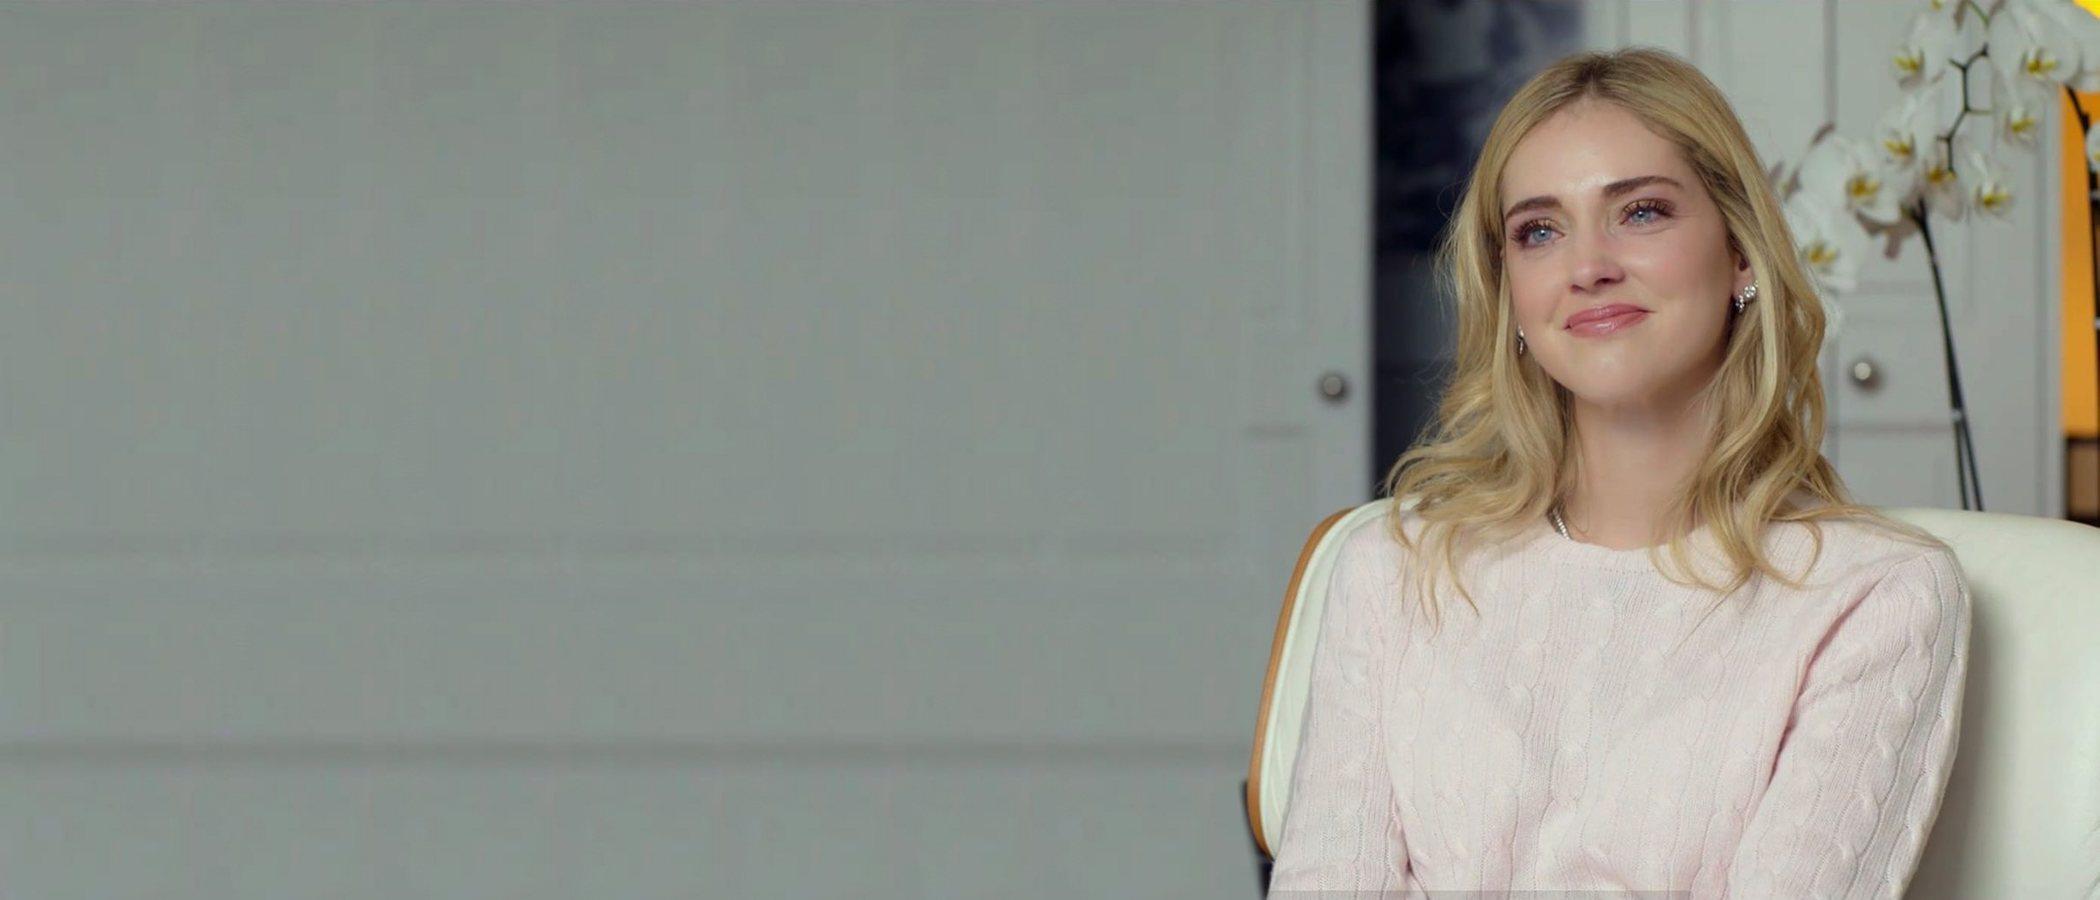 El taquillazo de Chiara Ferragni y su documental: 513.543 euros y 51.219 espectadores en su primer día